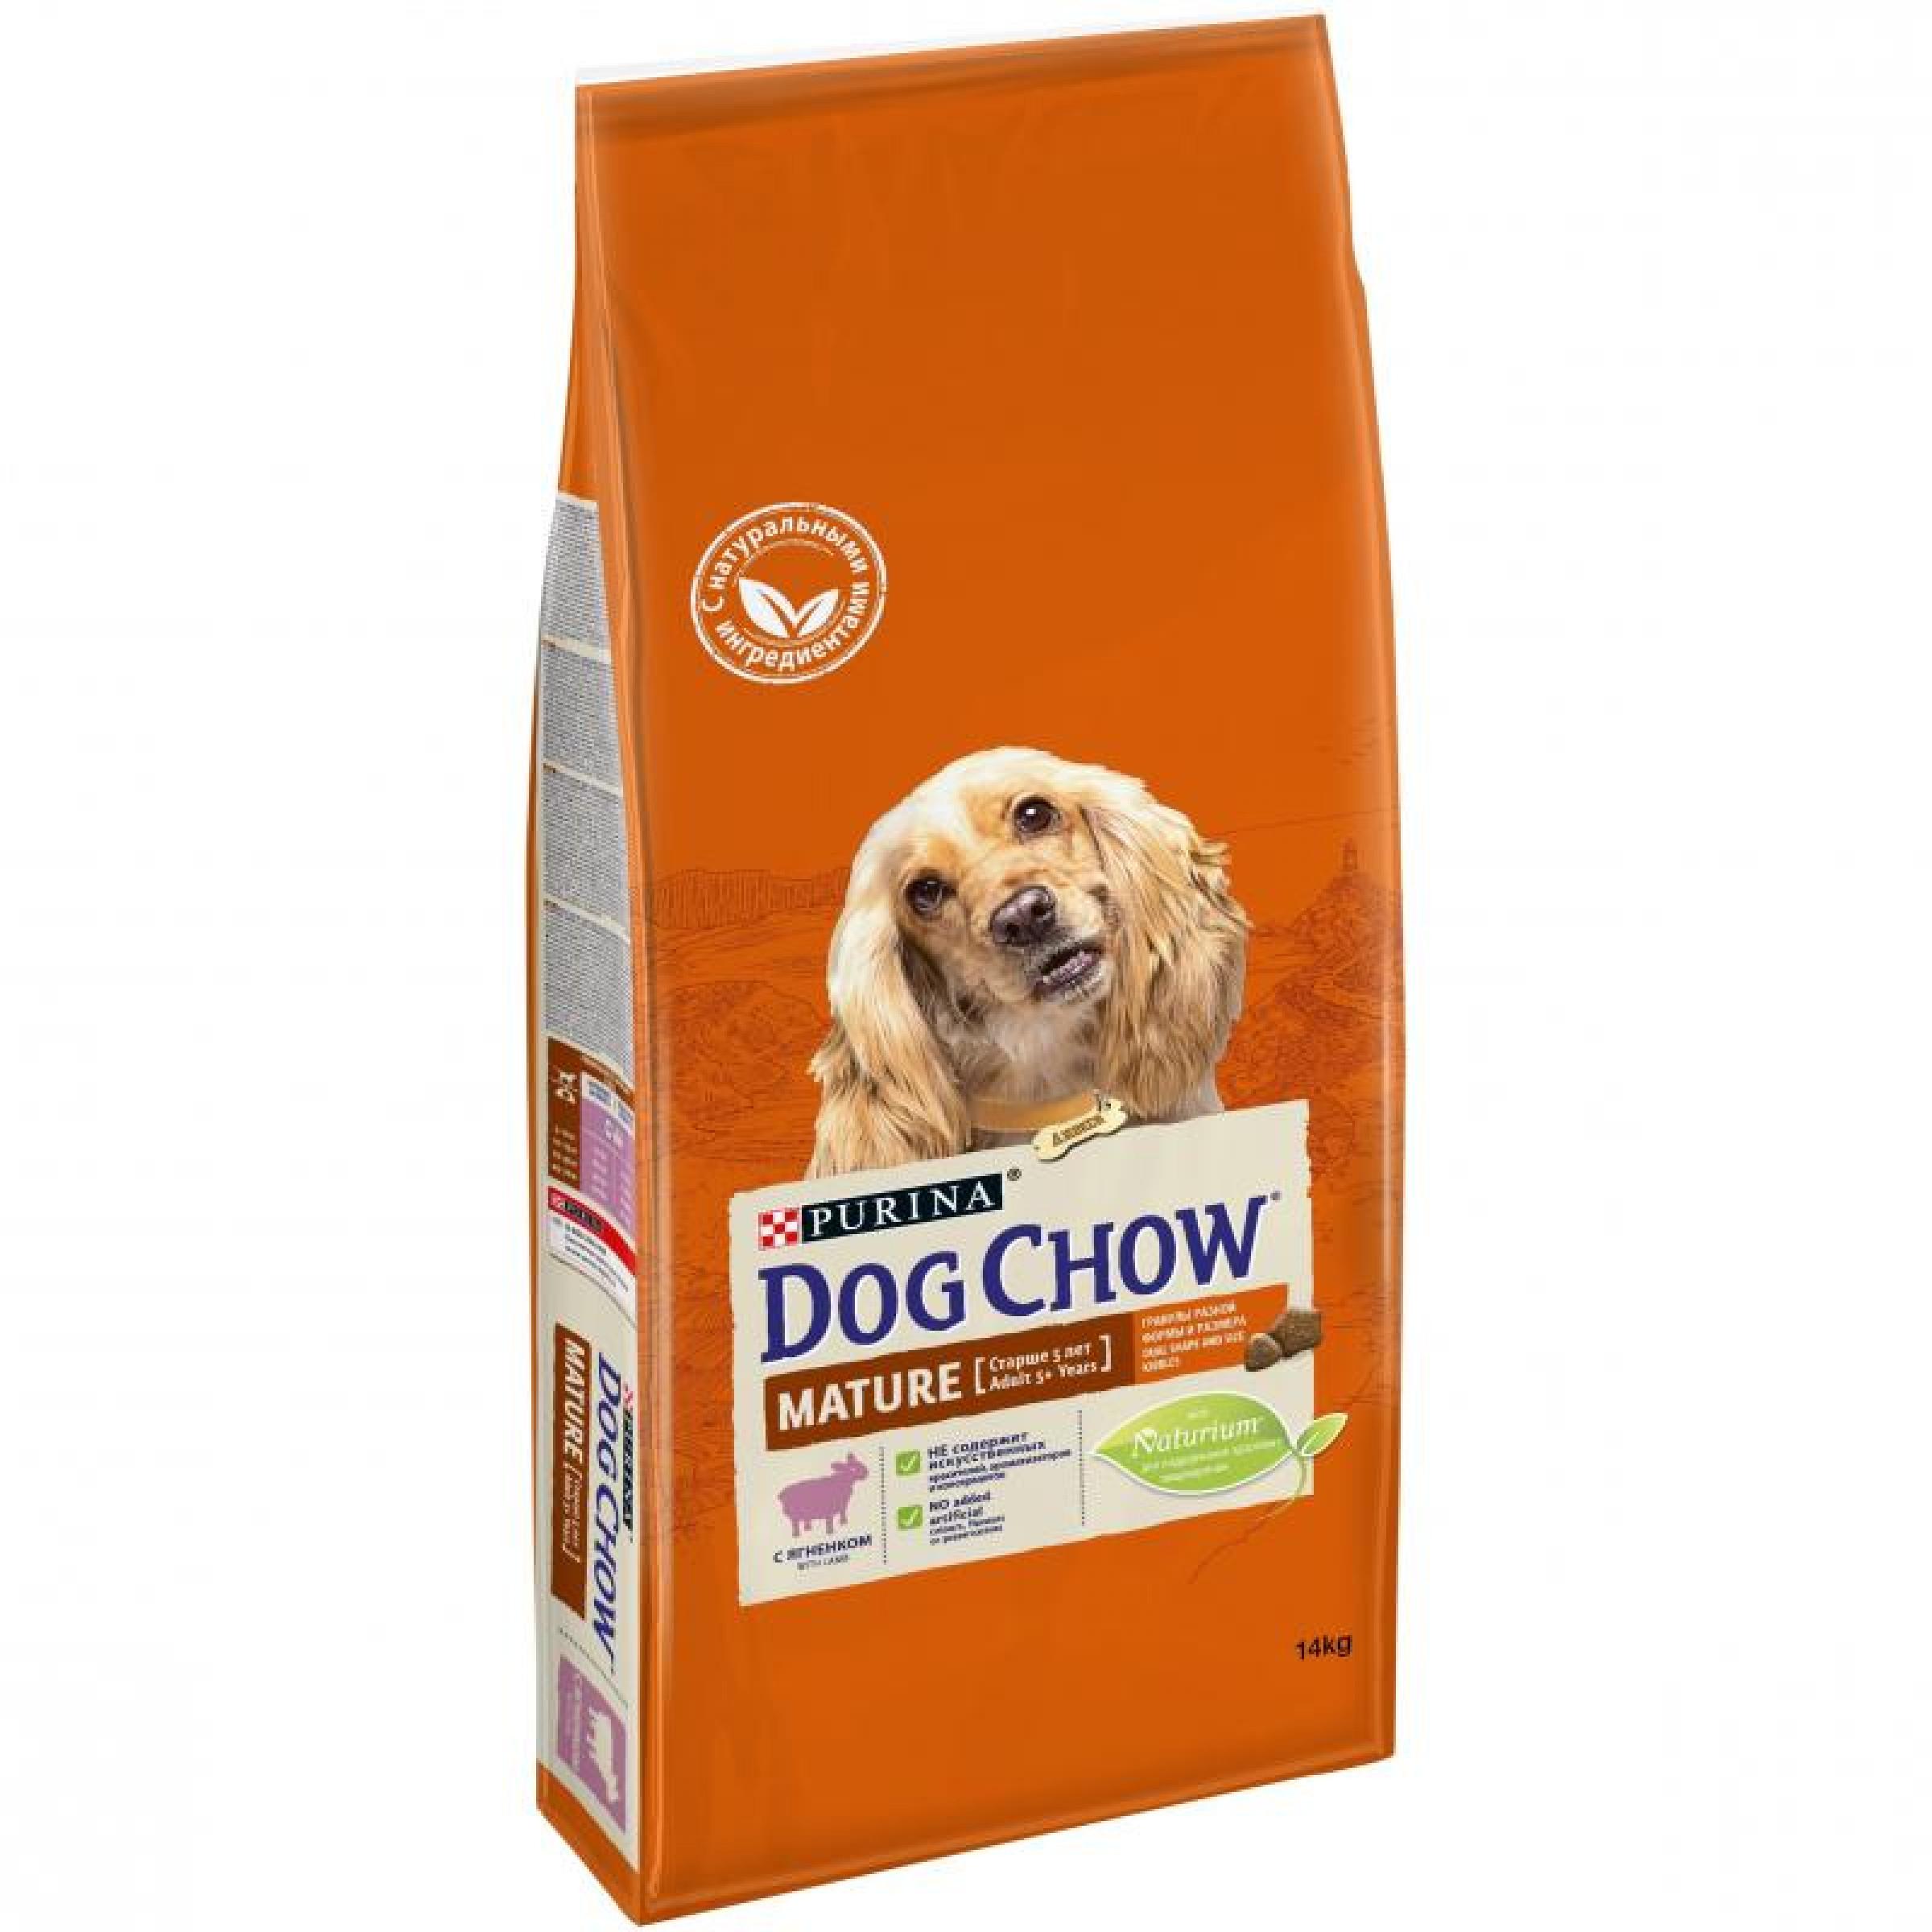 Корм Dog Chow Adult для взрослых собак с ягненком, 14кг